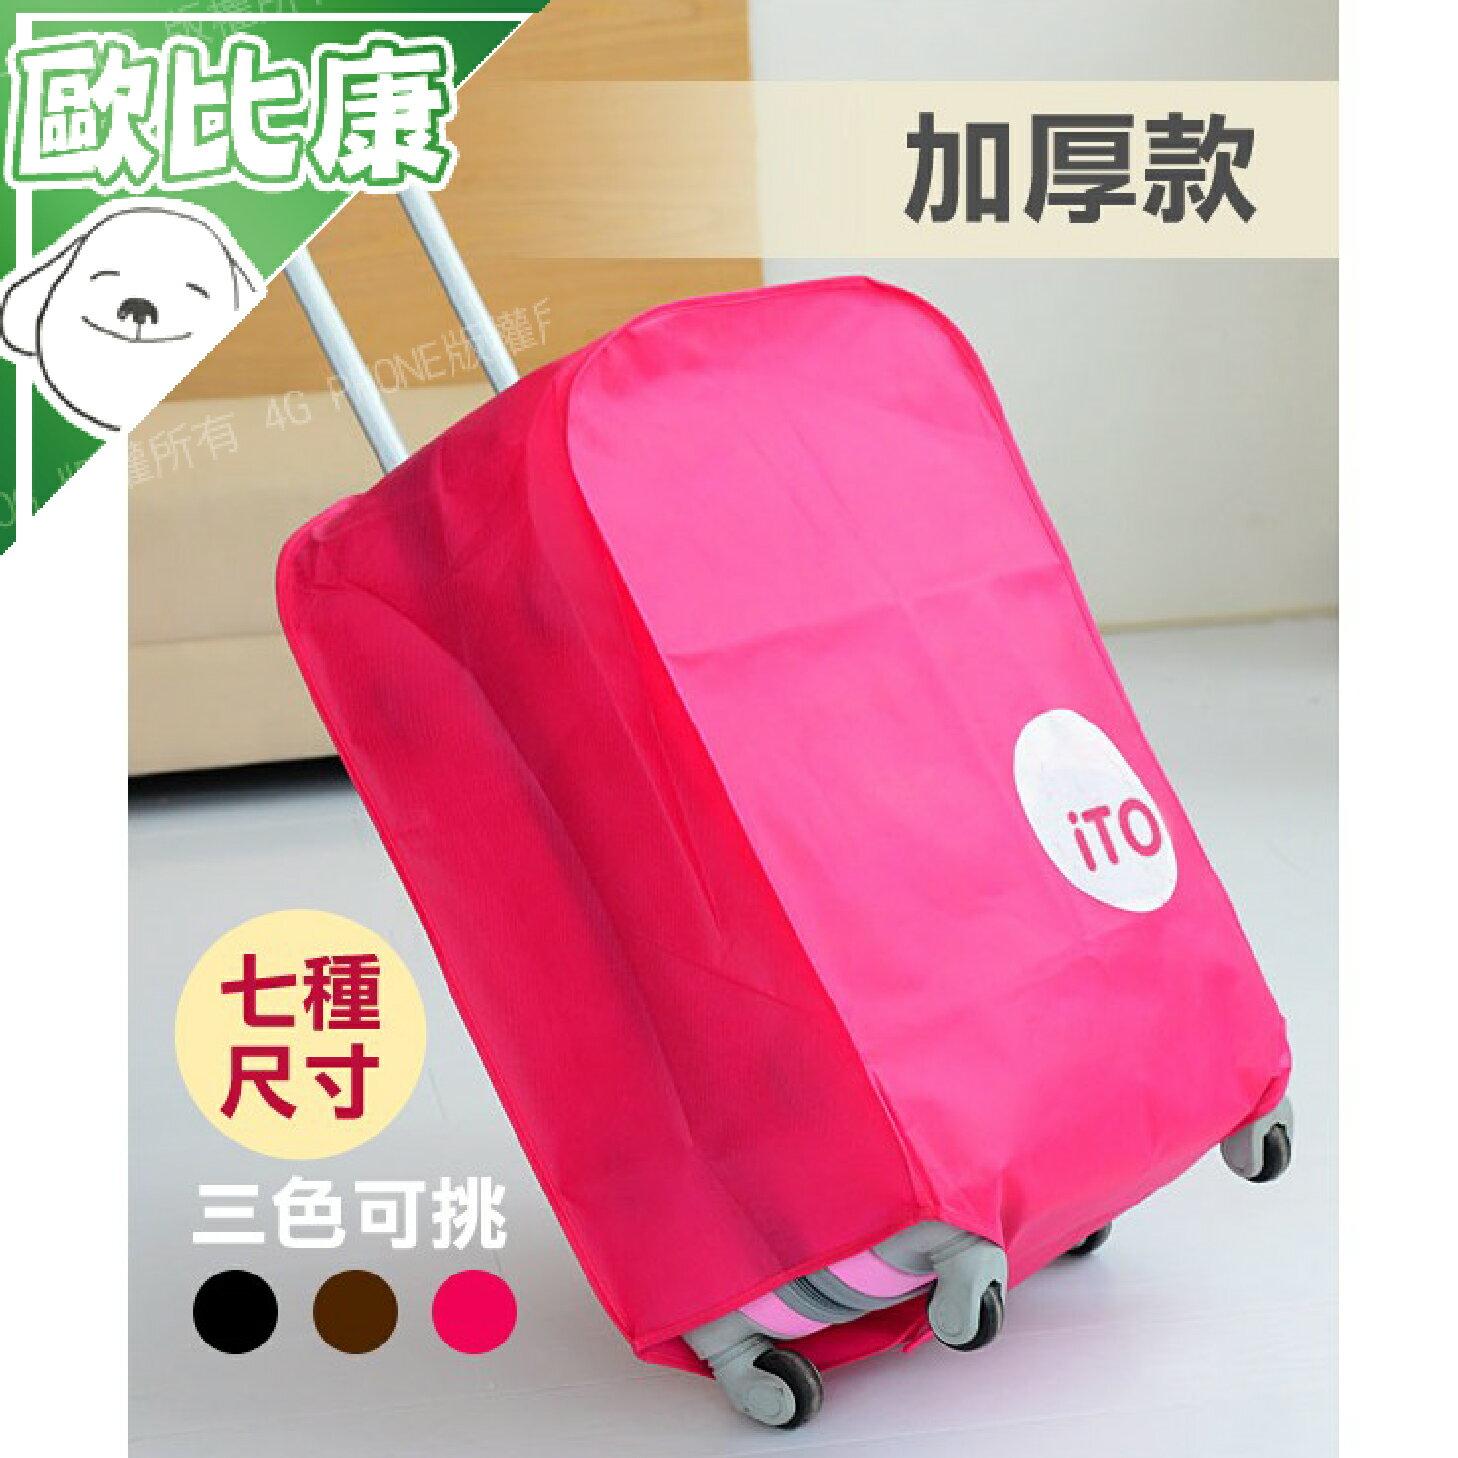 【歐比康】7種尺寸 行李箱防塵套 保護套 耐磨拉杆箱 20吋 22吋 24吋 26吋 28吋 29吋 30吋 附發票